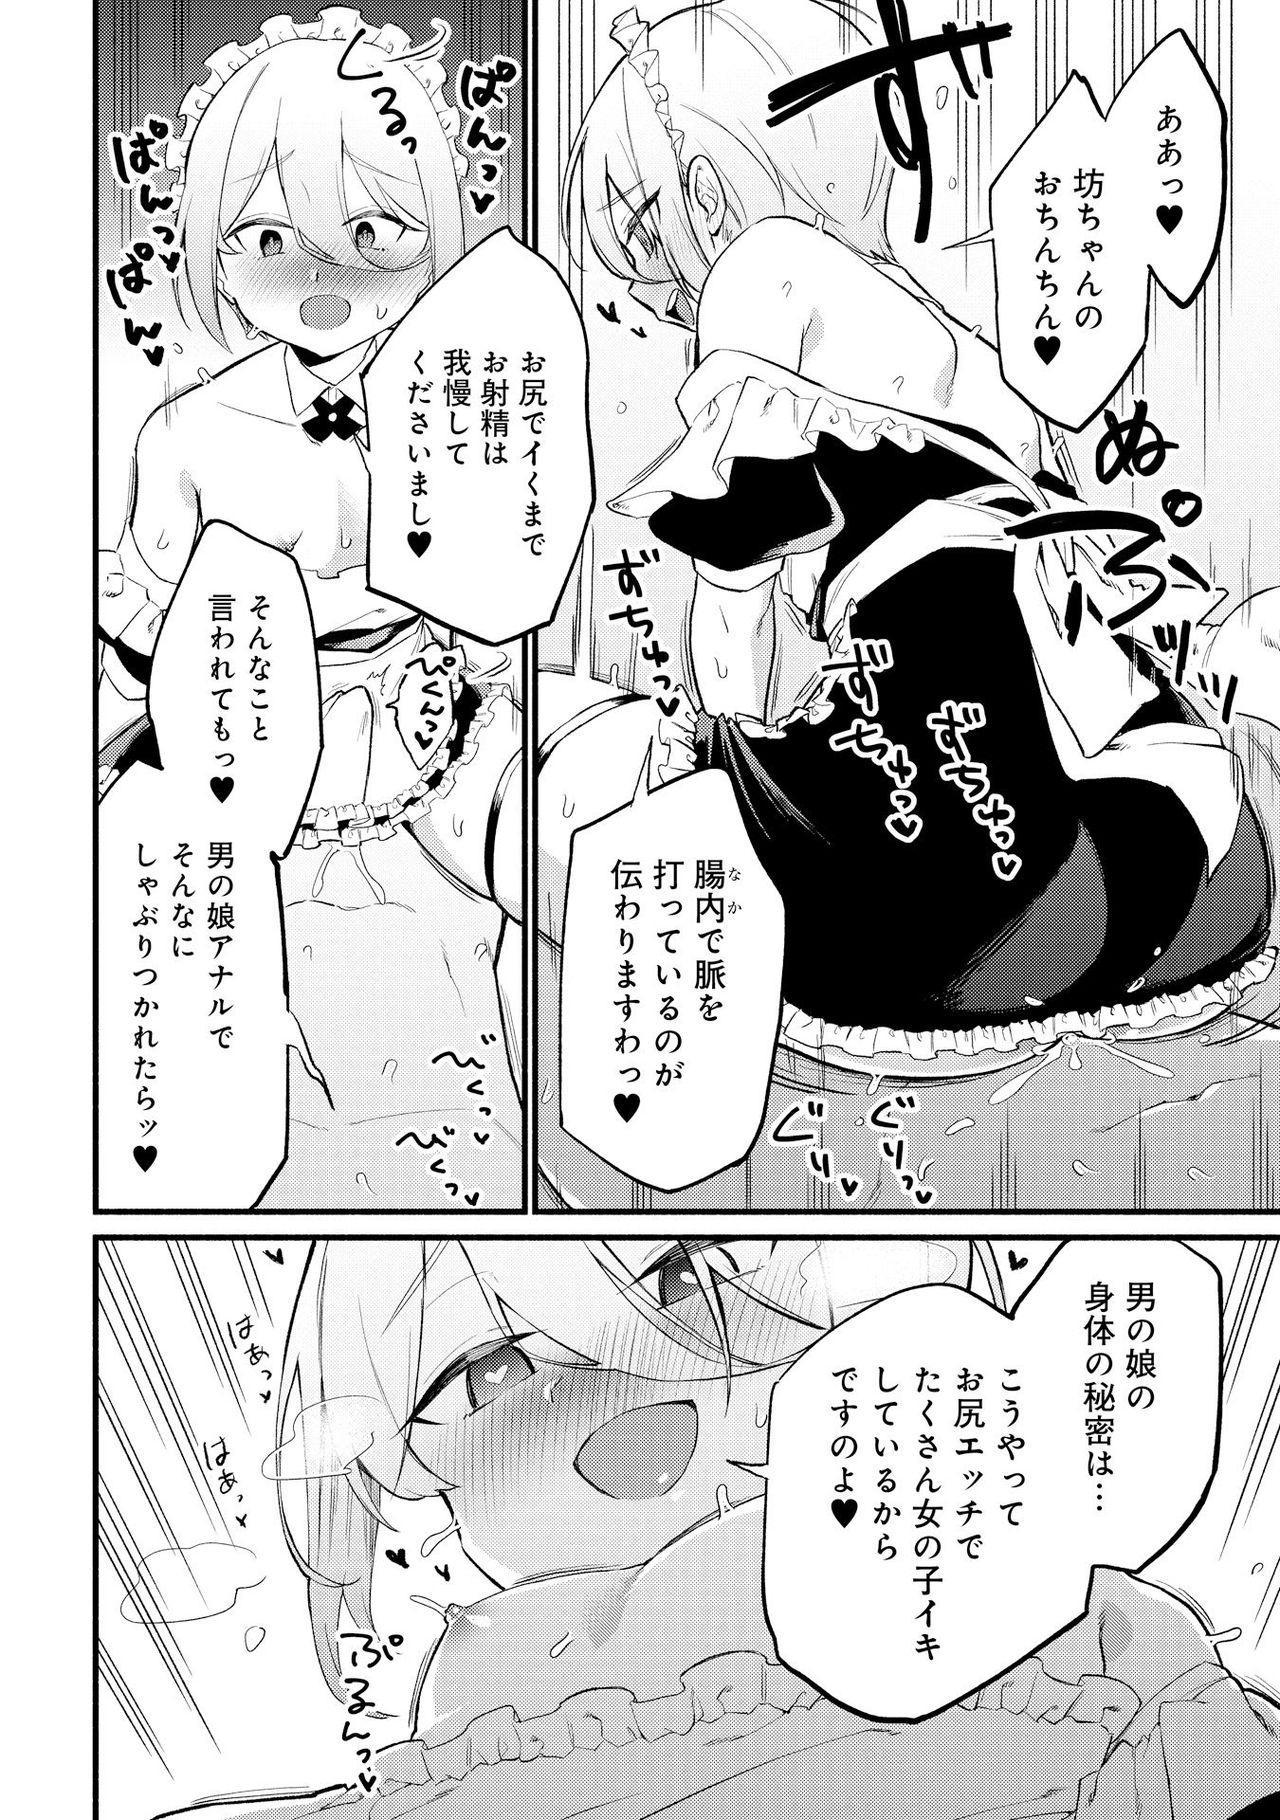 Otokonoko Fuuzoku de Onnanoko Mitai ni Ikasarechau Anthology 2 uragaeshi 37